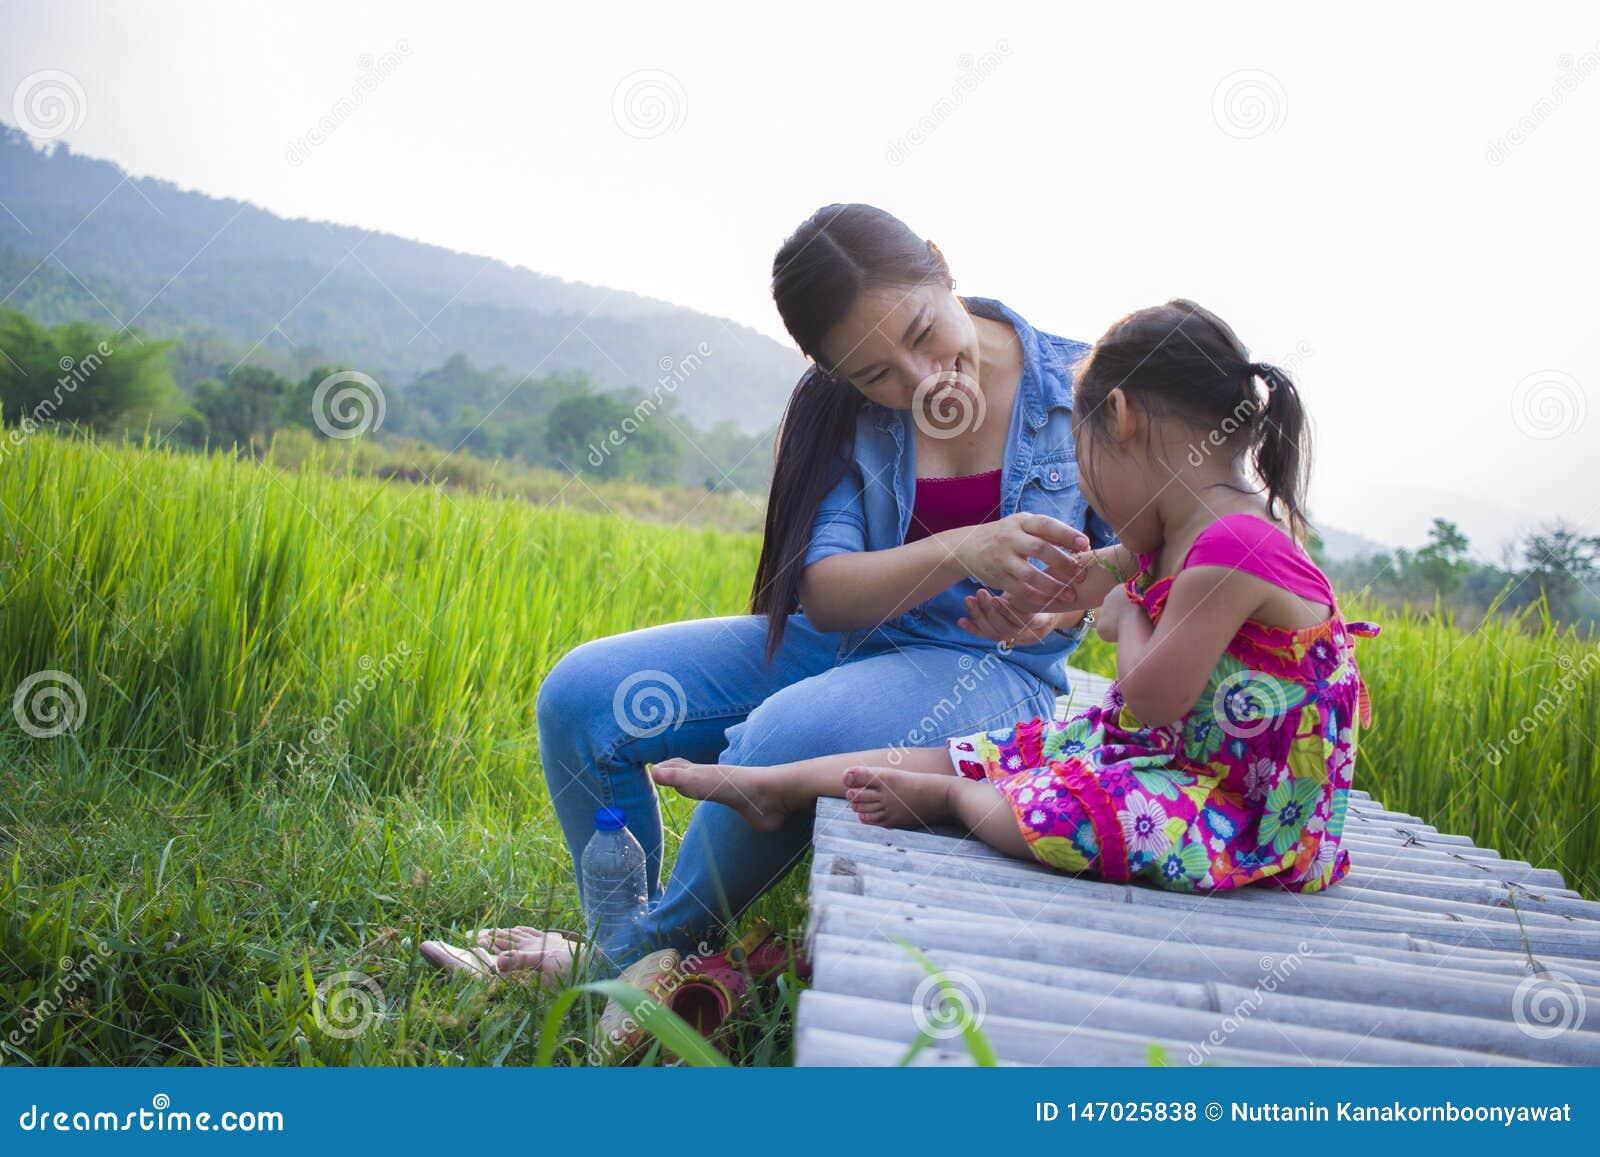 Gl?ckliche Mutter und ihr Kinderspiel, die drau?en Spa?, hinteren Boden des gr?nen Reisfeldes hat